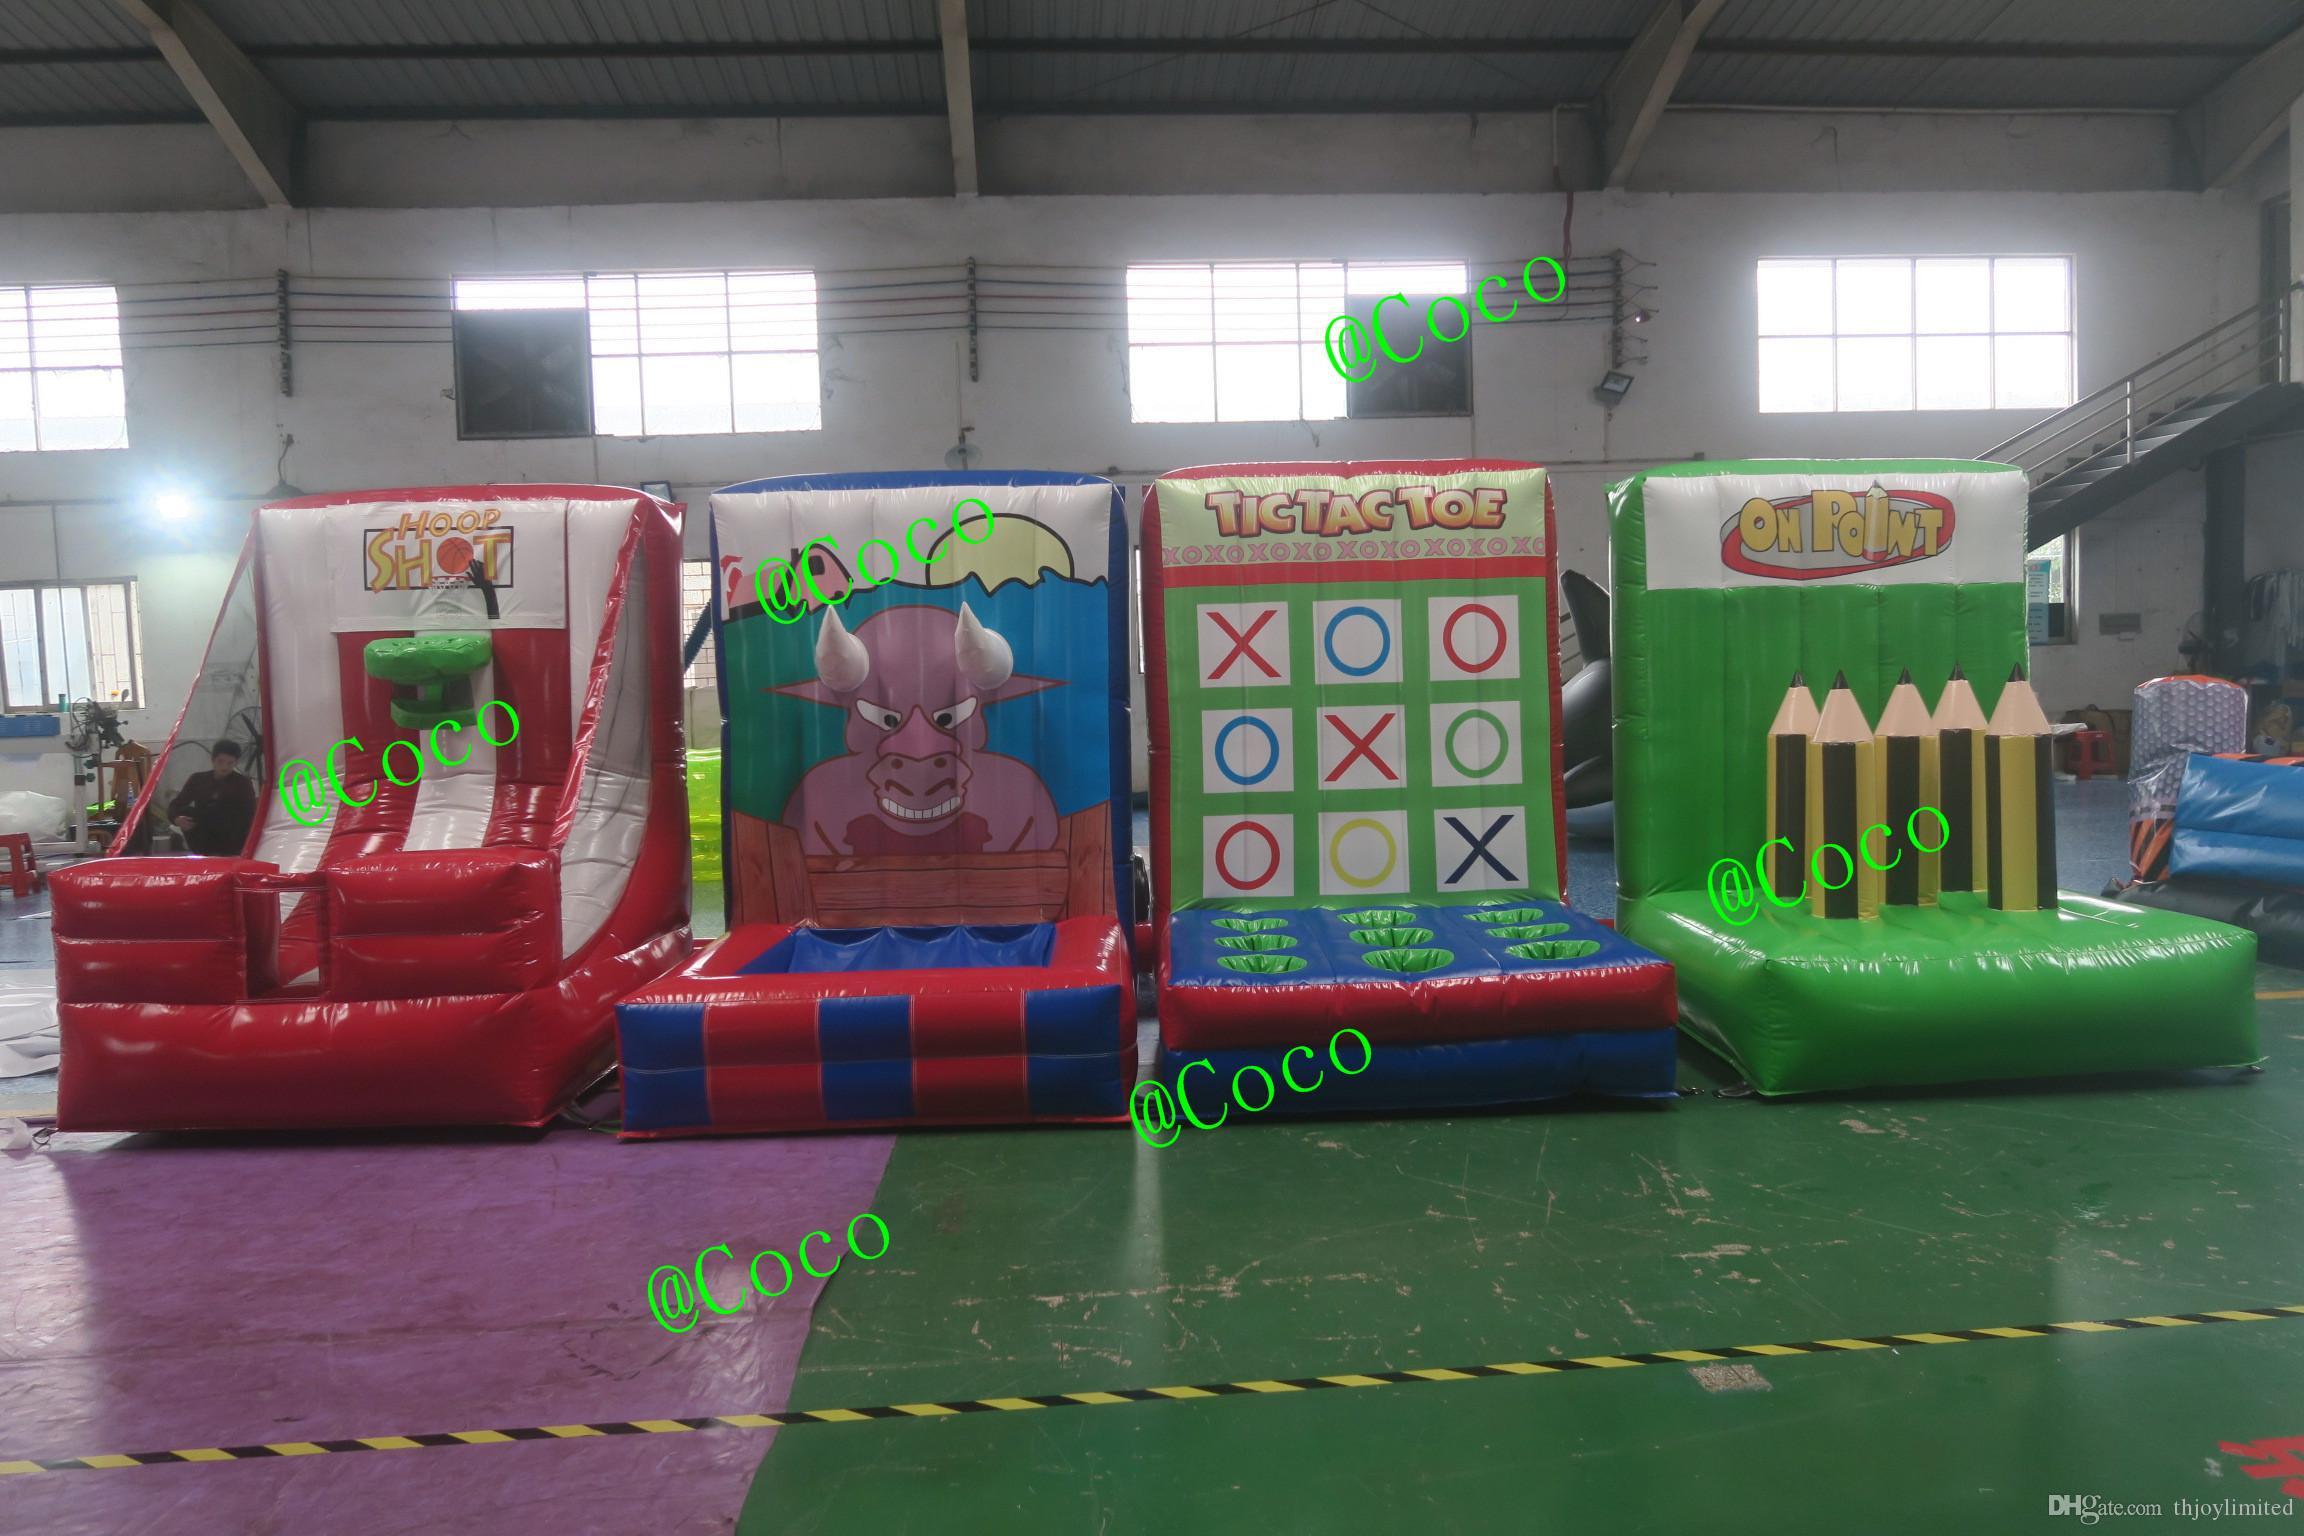 نفخ 4 في 1 الألعاب الرياضية للأطفال ، حار بيع ألعاب الكرنفال نفخ للبيع ، المطاطية الرياضة التفاعلية